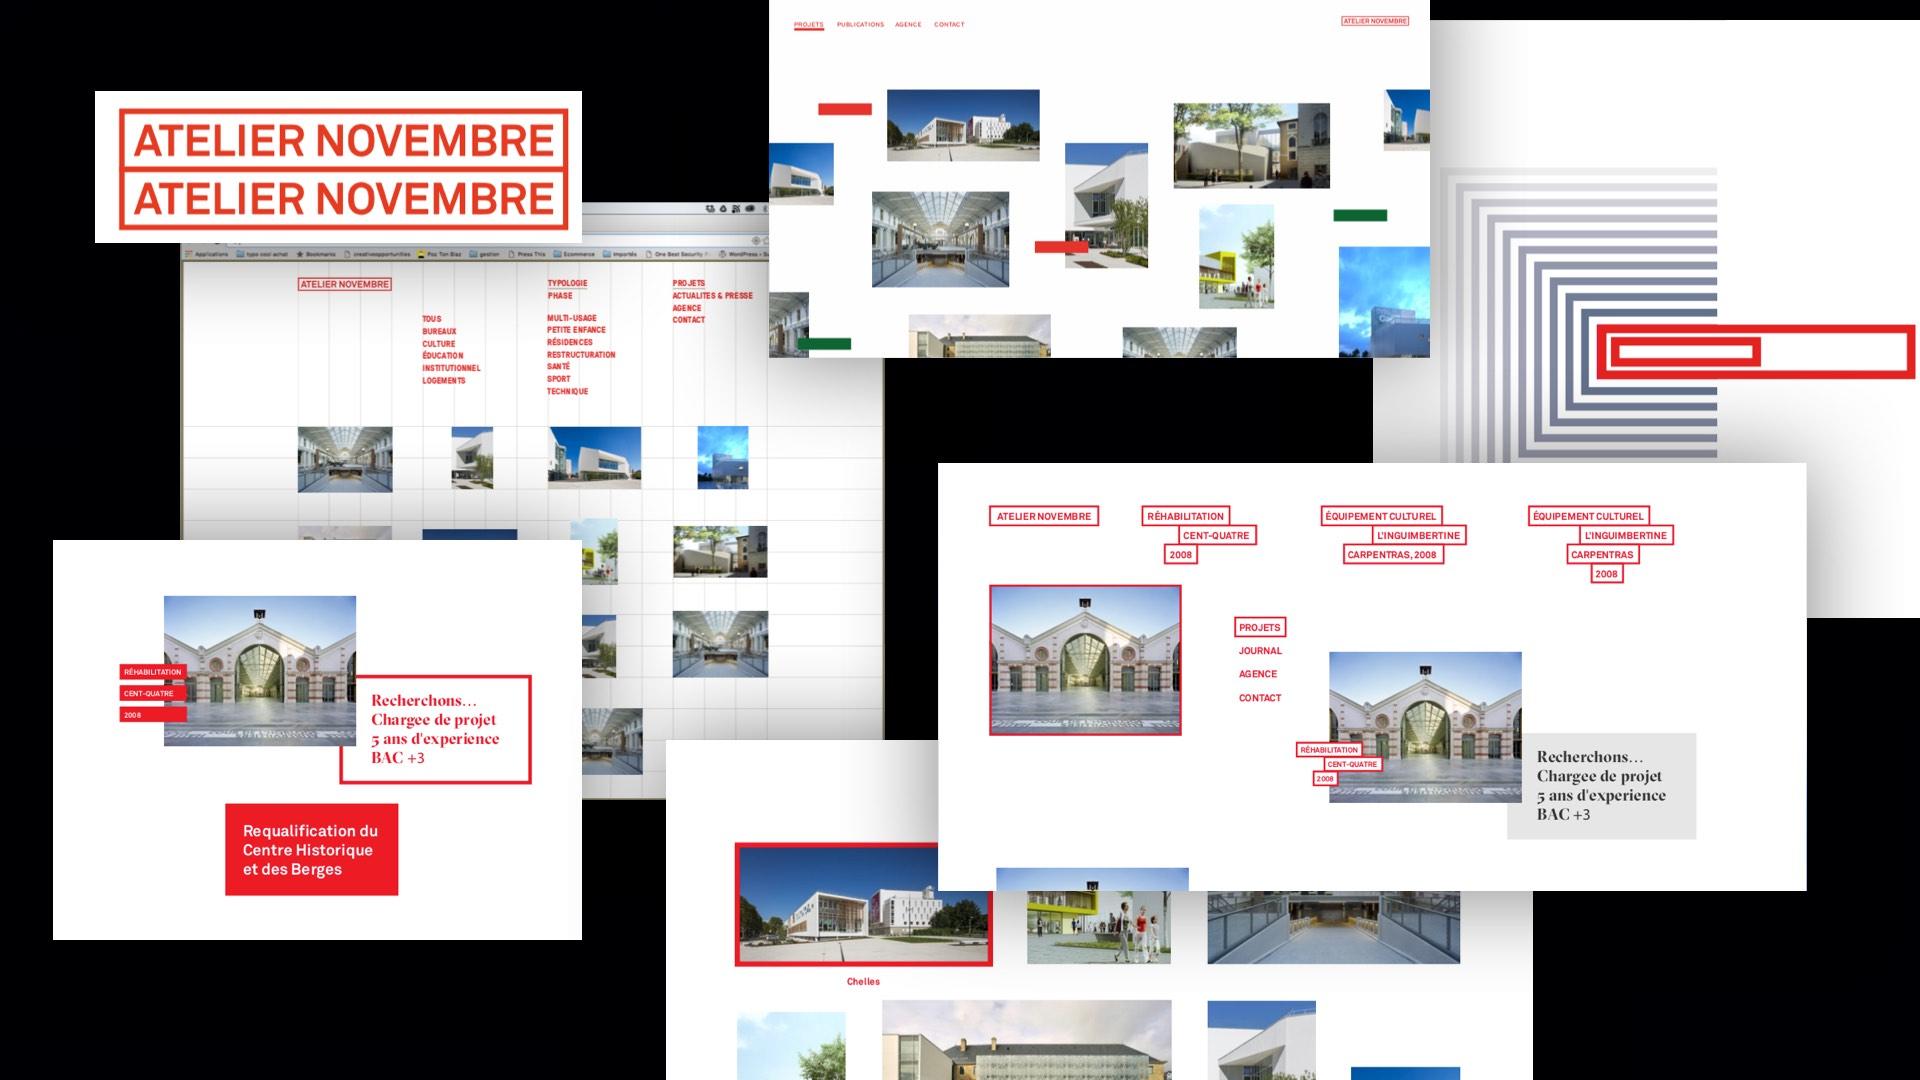 Paul Pajot Atelier Novembre Architecture 1 Copy 7